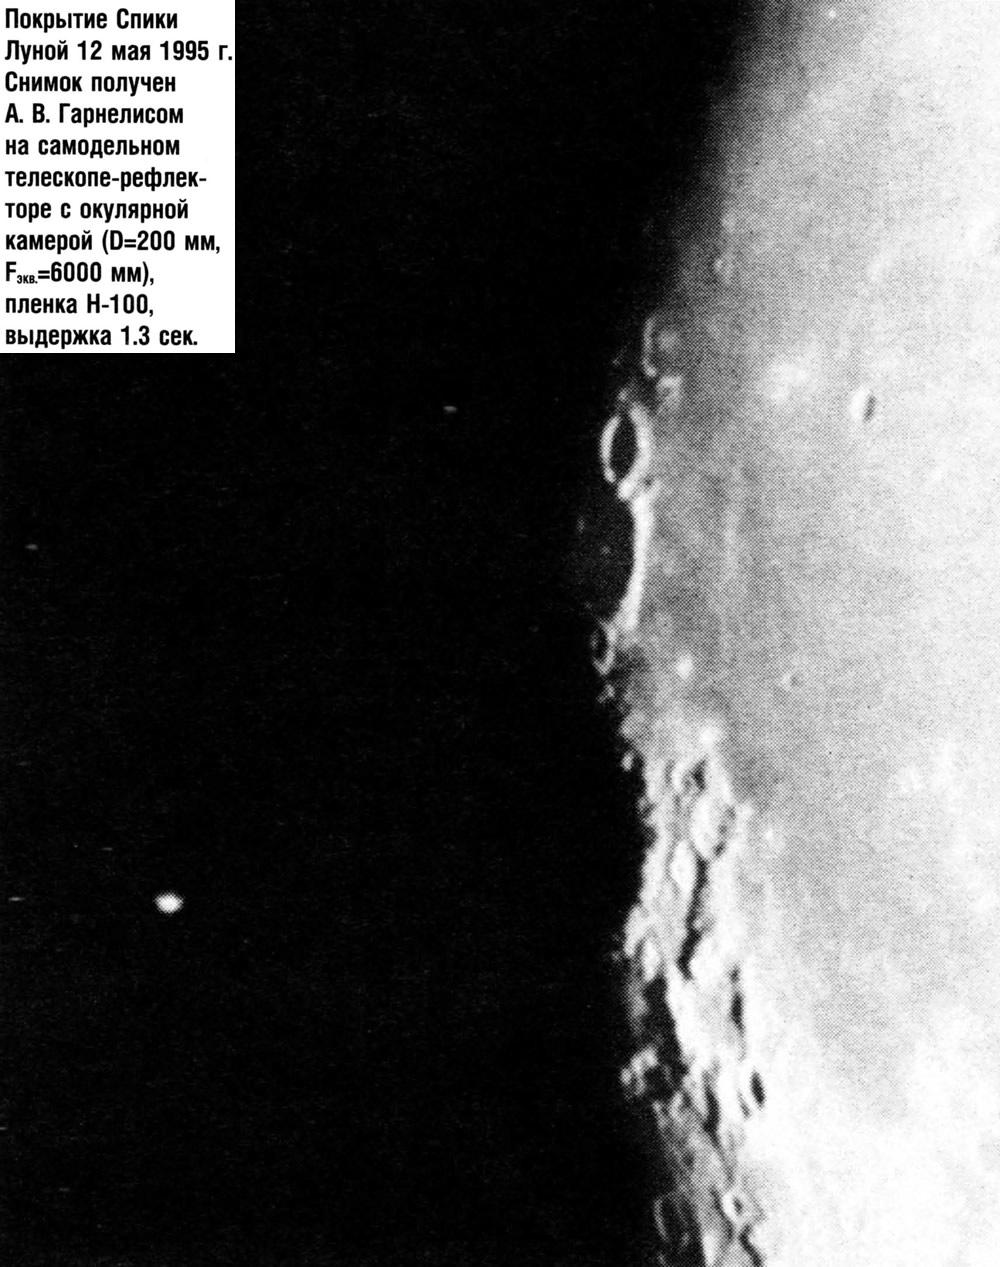 Покрытие Спики Луной 12 мая 1995 г